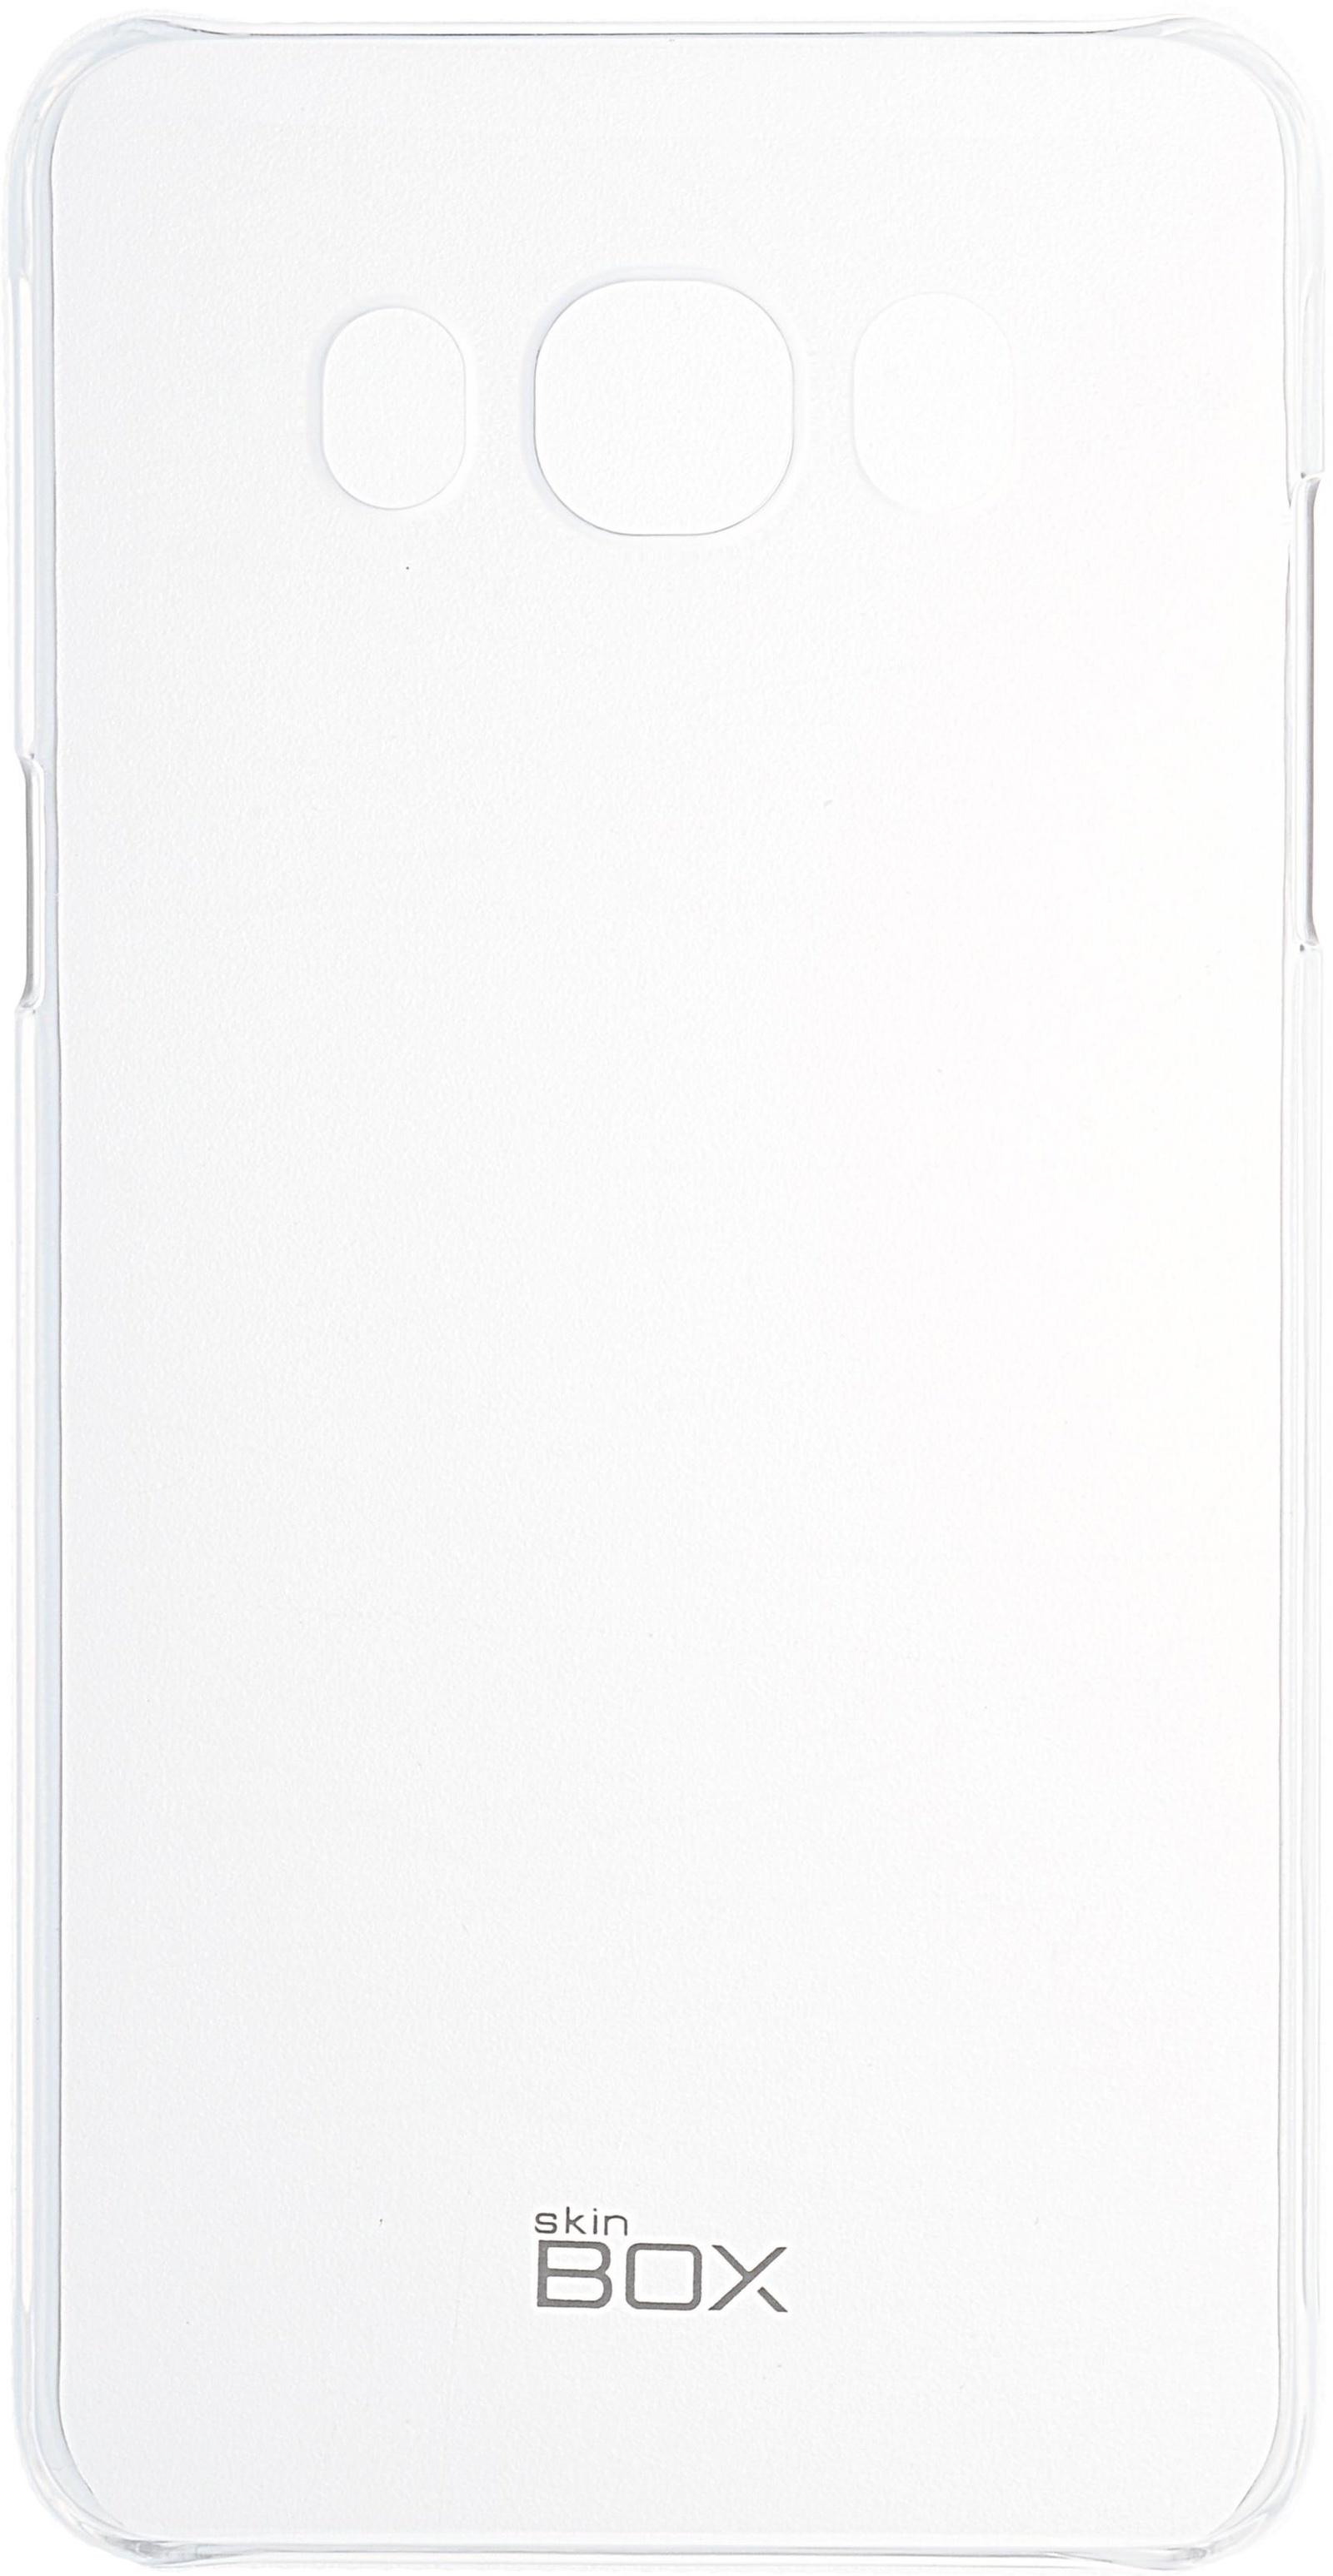 Чехол для сотового телефона skinBOX Crystal, 4660041407426, прозрачный чехол для сотового телефона skinbox crystal 4630042524613 прозрачный